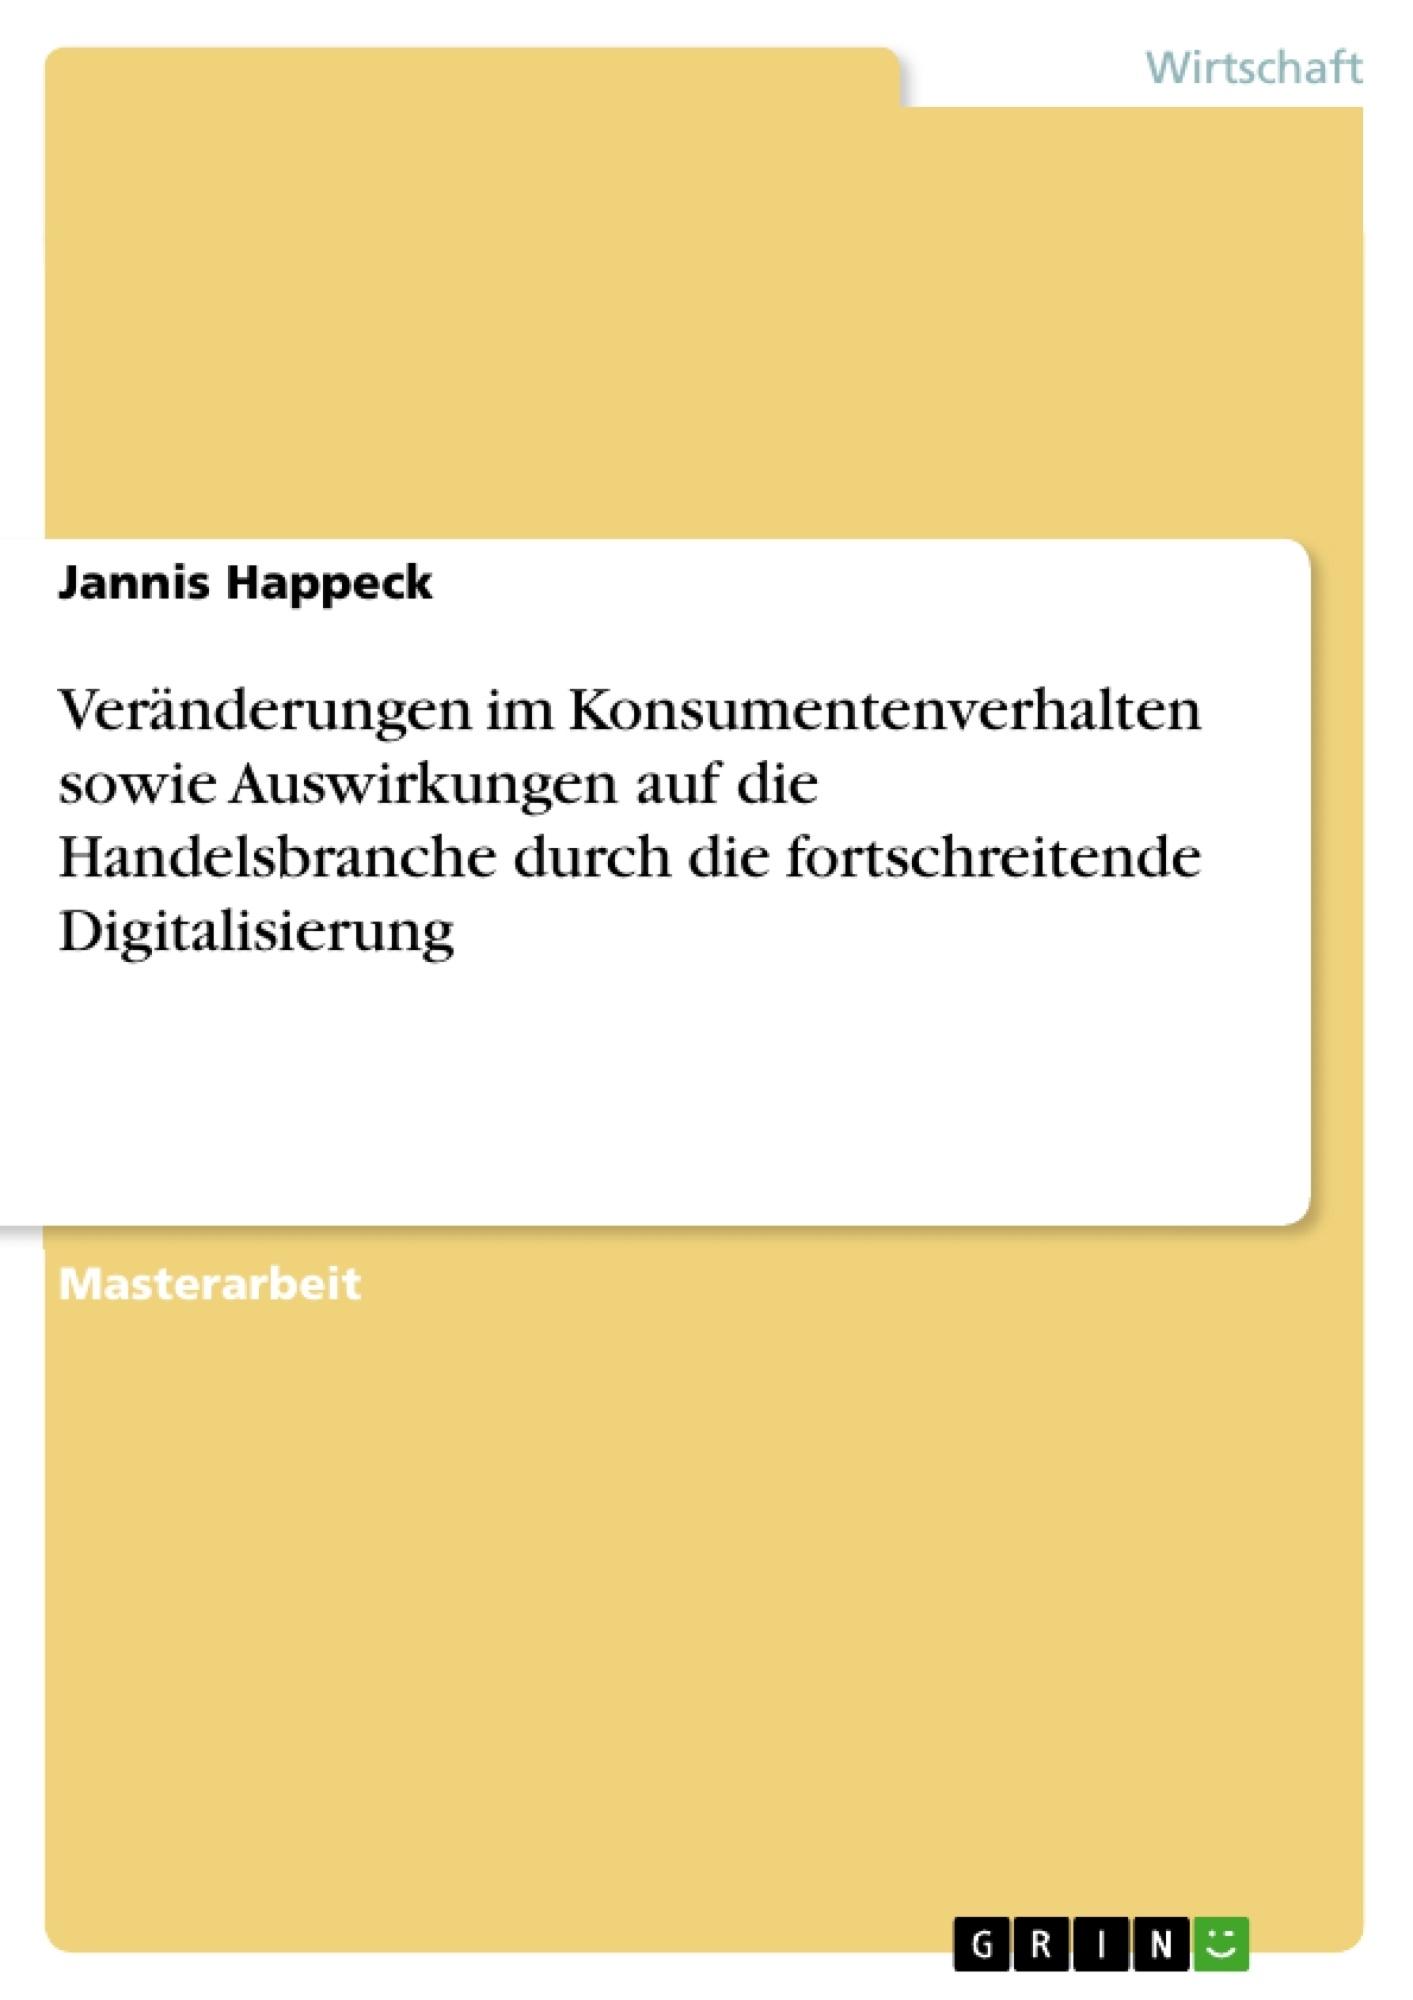 Titel: Veränderungen im Konsumentenverhalten sowie Auswirkungen auf die Handelsbranche durch die fortschreitende Digitalisierung